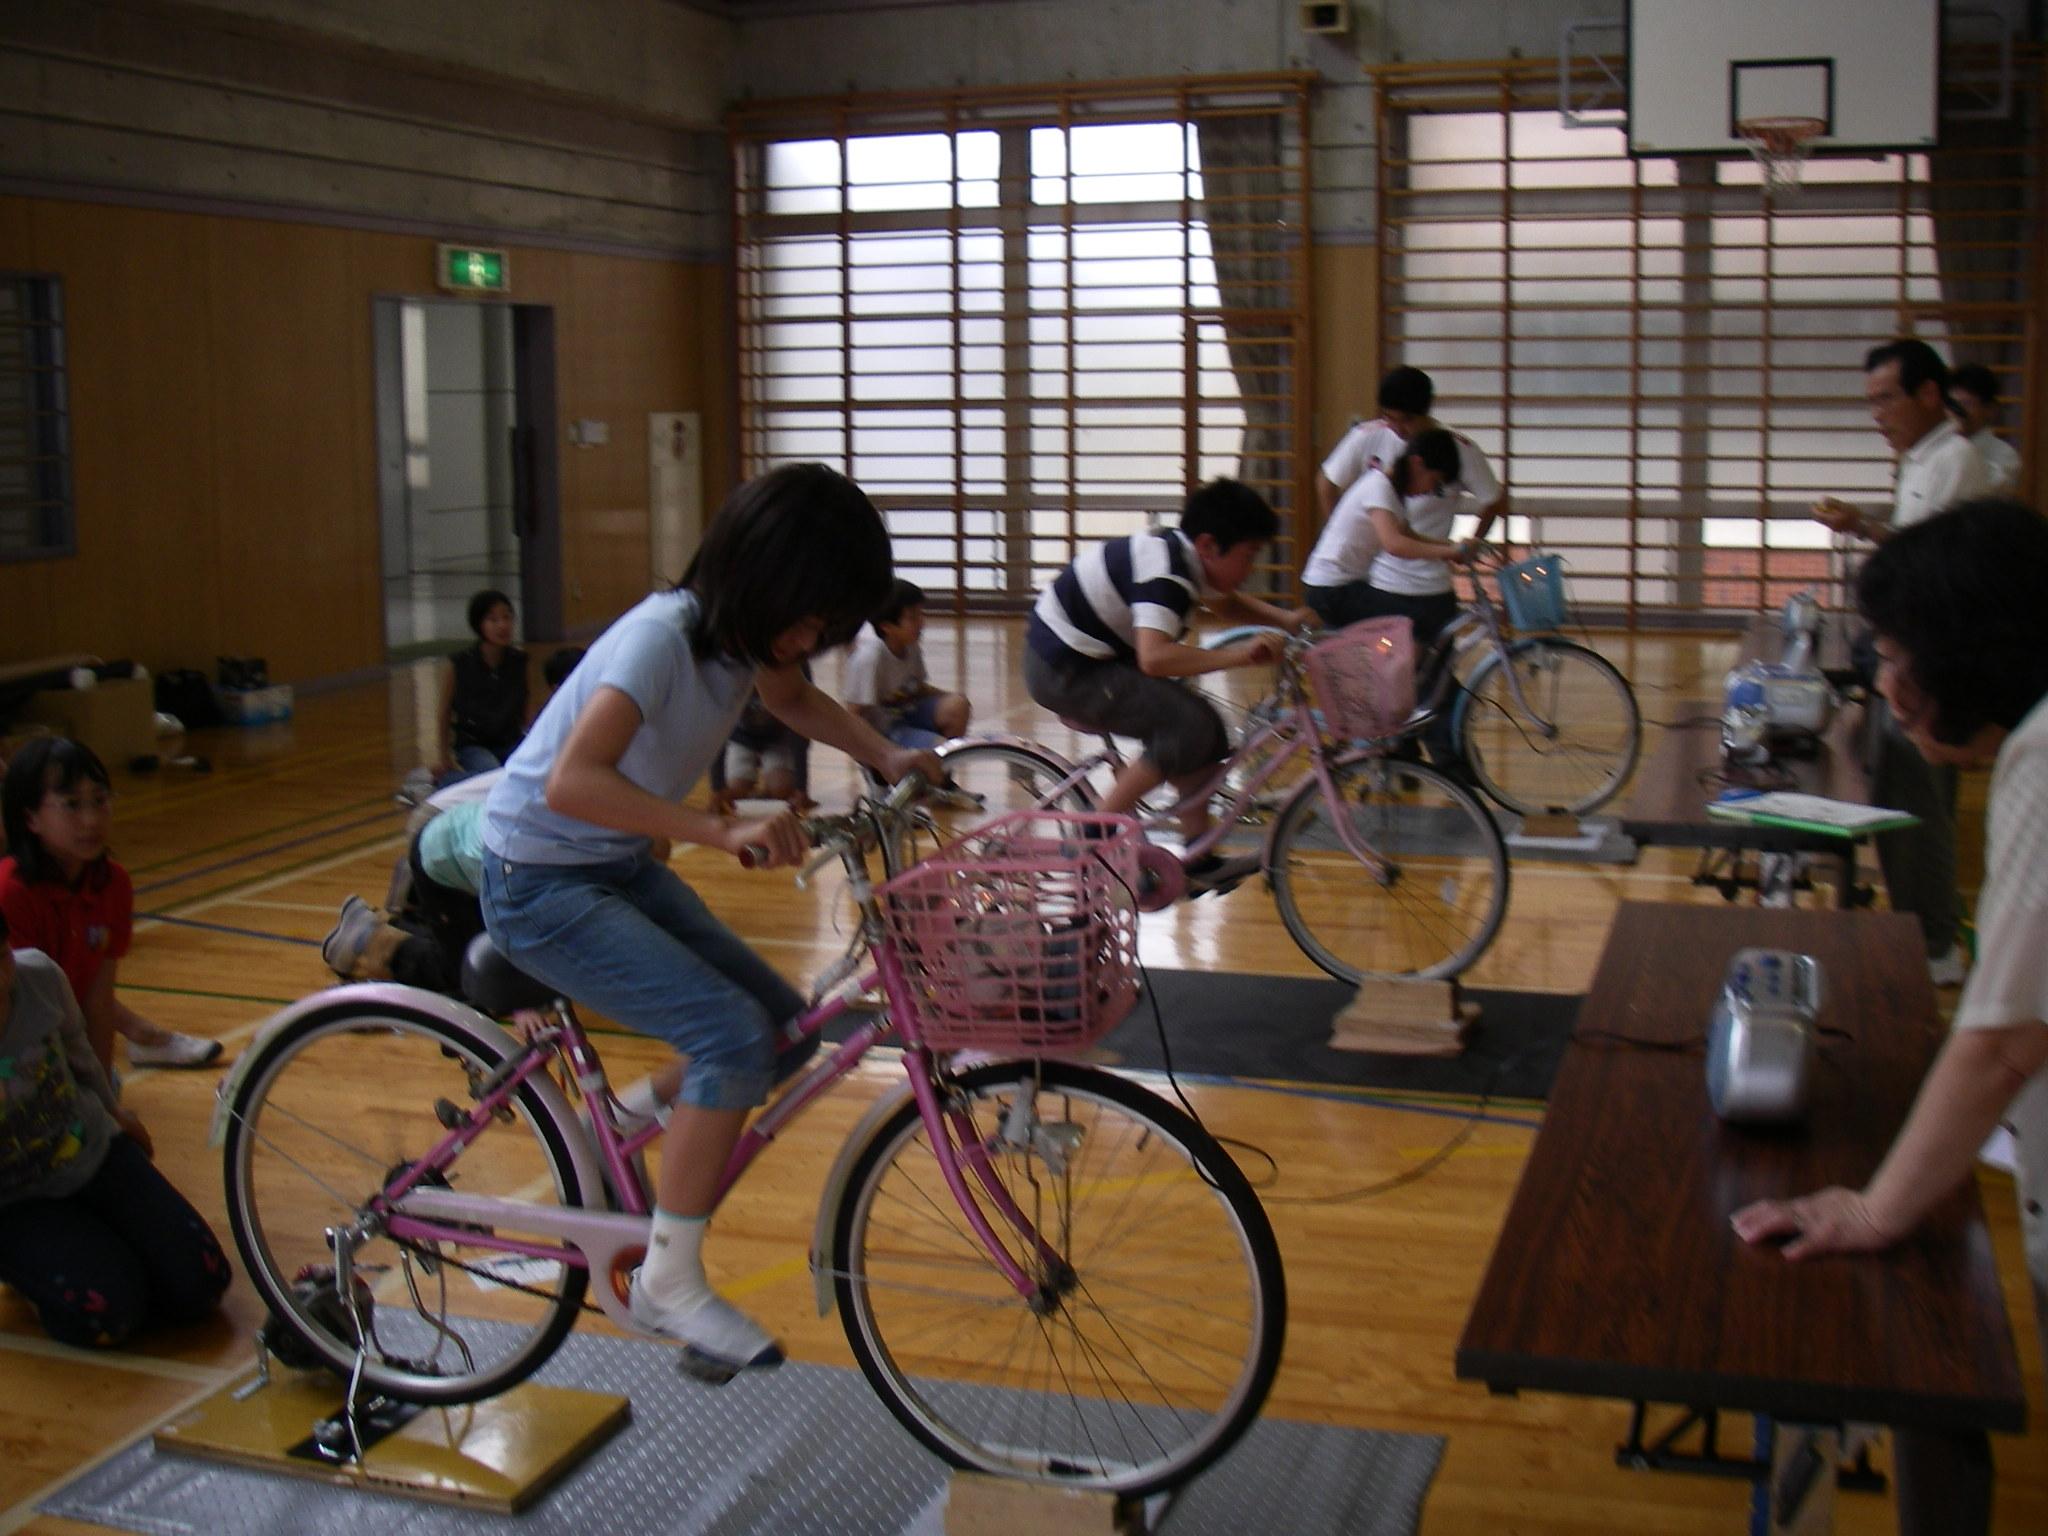 自転車の 発電 自転車 : 自転車発電にチャレンジ!)